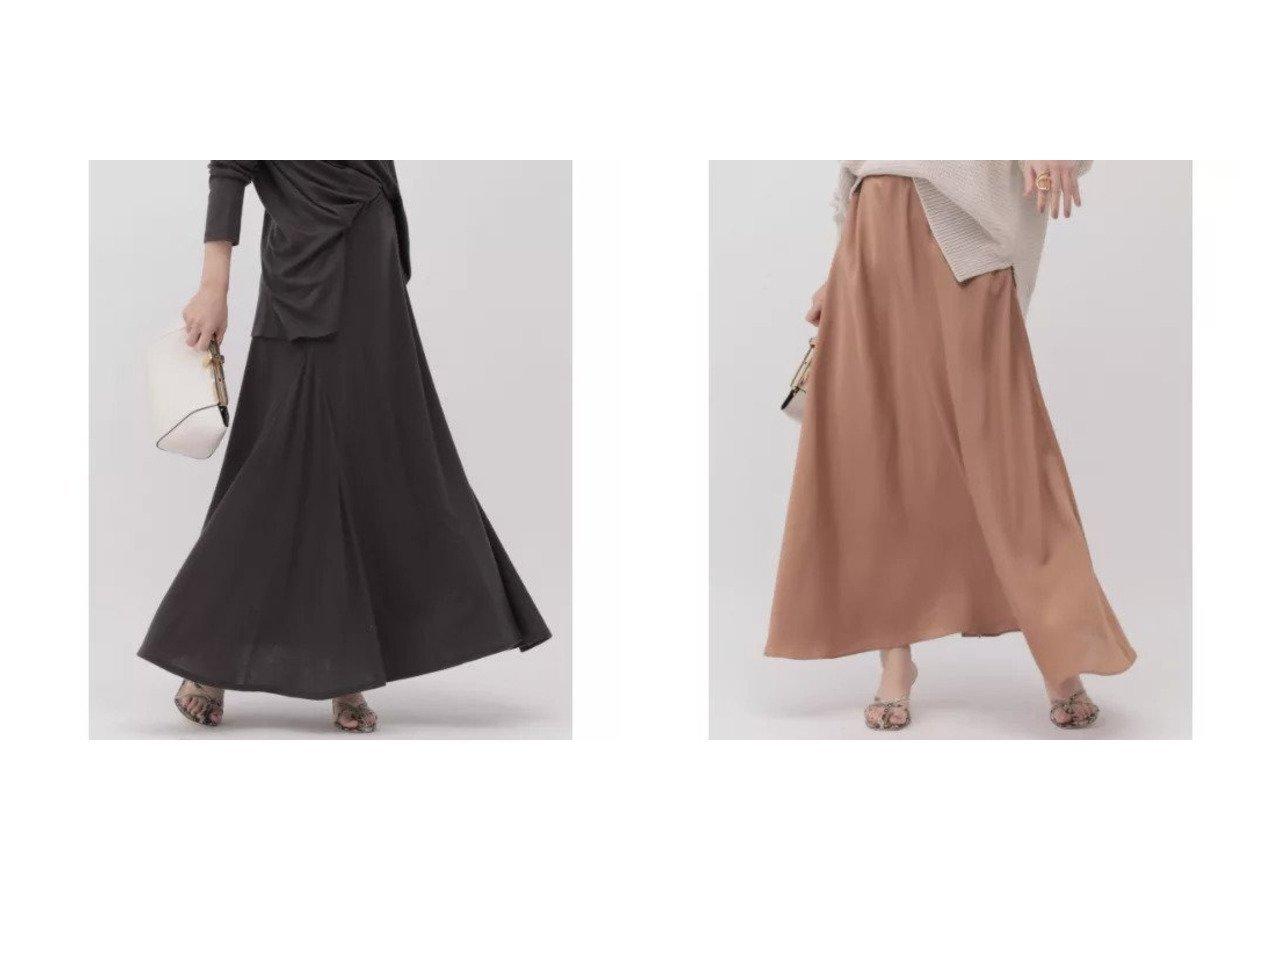 【Chaos/カオス】のジュールサテンフレアースカート&マージミラノカットロングスカート カオスのおすすめ!人気、トレンド・レディースファッションの通販 おすすめで人気の流行・トレンド、ファッションの通販商品 メンズファッション・キッズファッション・インテリア・家具・レディースファッション・服の通販 founy(ファニー) https://founy.com/ ファッション Fashion レディースファッション WOMEN スカート Skirt ロングスカート Long Skirt シルク シンプル パターン マキシ ロング |ID:crp329100000020654